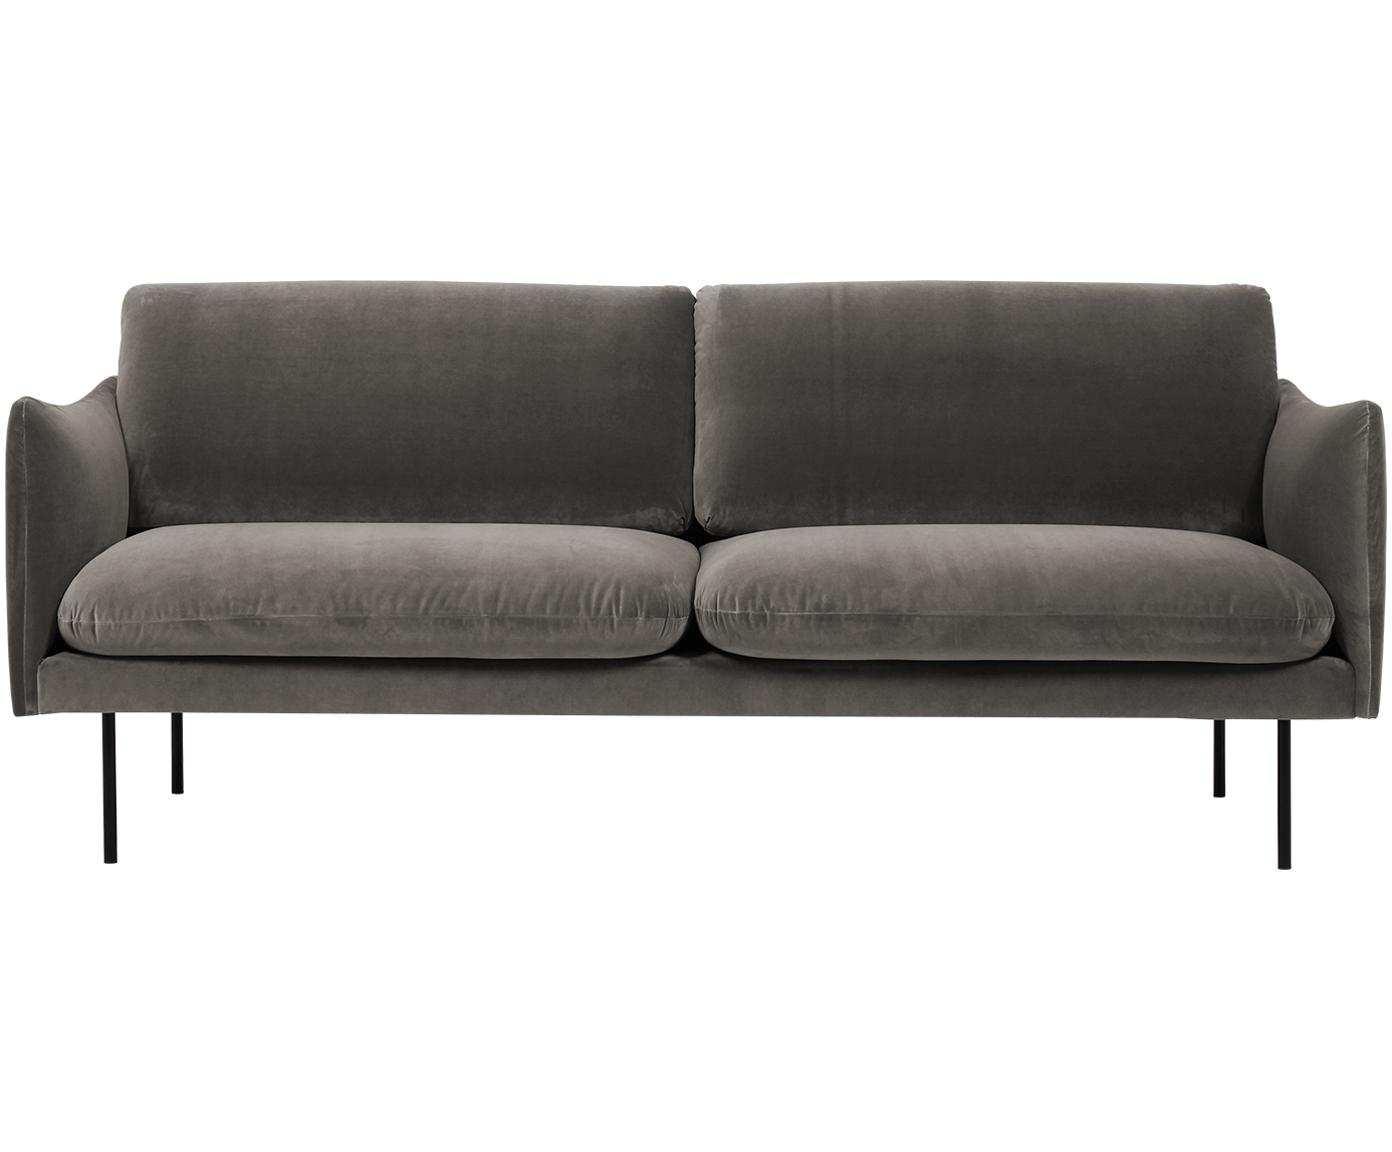 Sofa z aksamitu Moby (2-osobowa), Tapicerka: aksamit (wysokiej jakości, Stelaż: lite drewno sosnowe, Nogi: metal malowany proszkowo, Aksamitny szarobrązowy, S 170 x G 95 cm